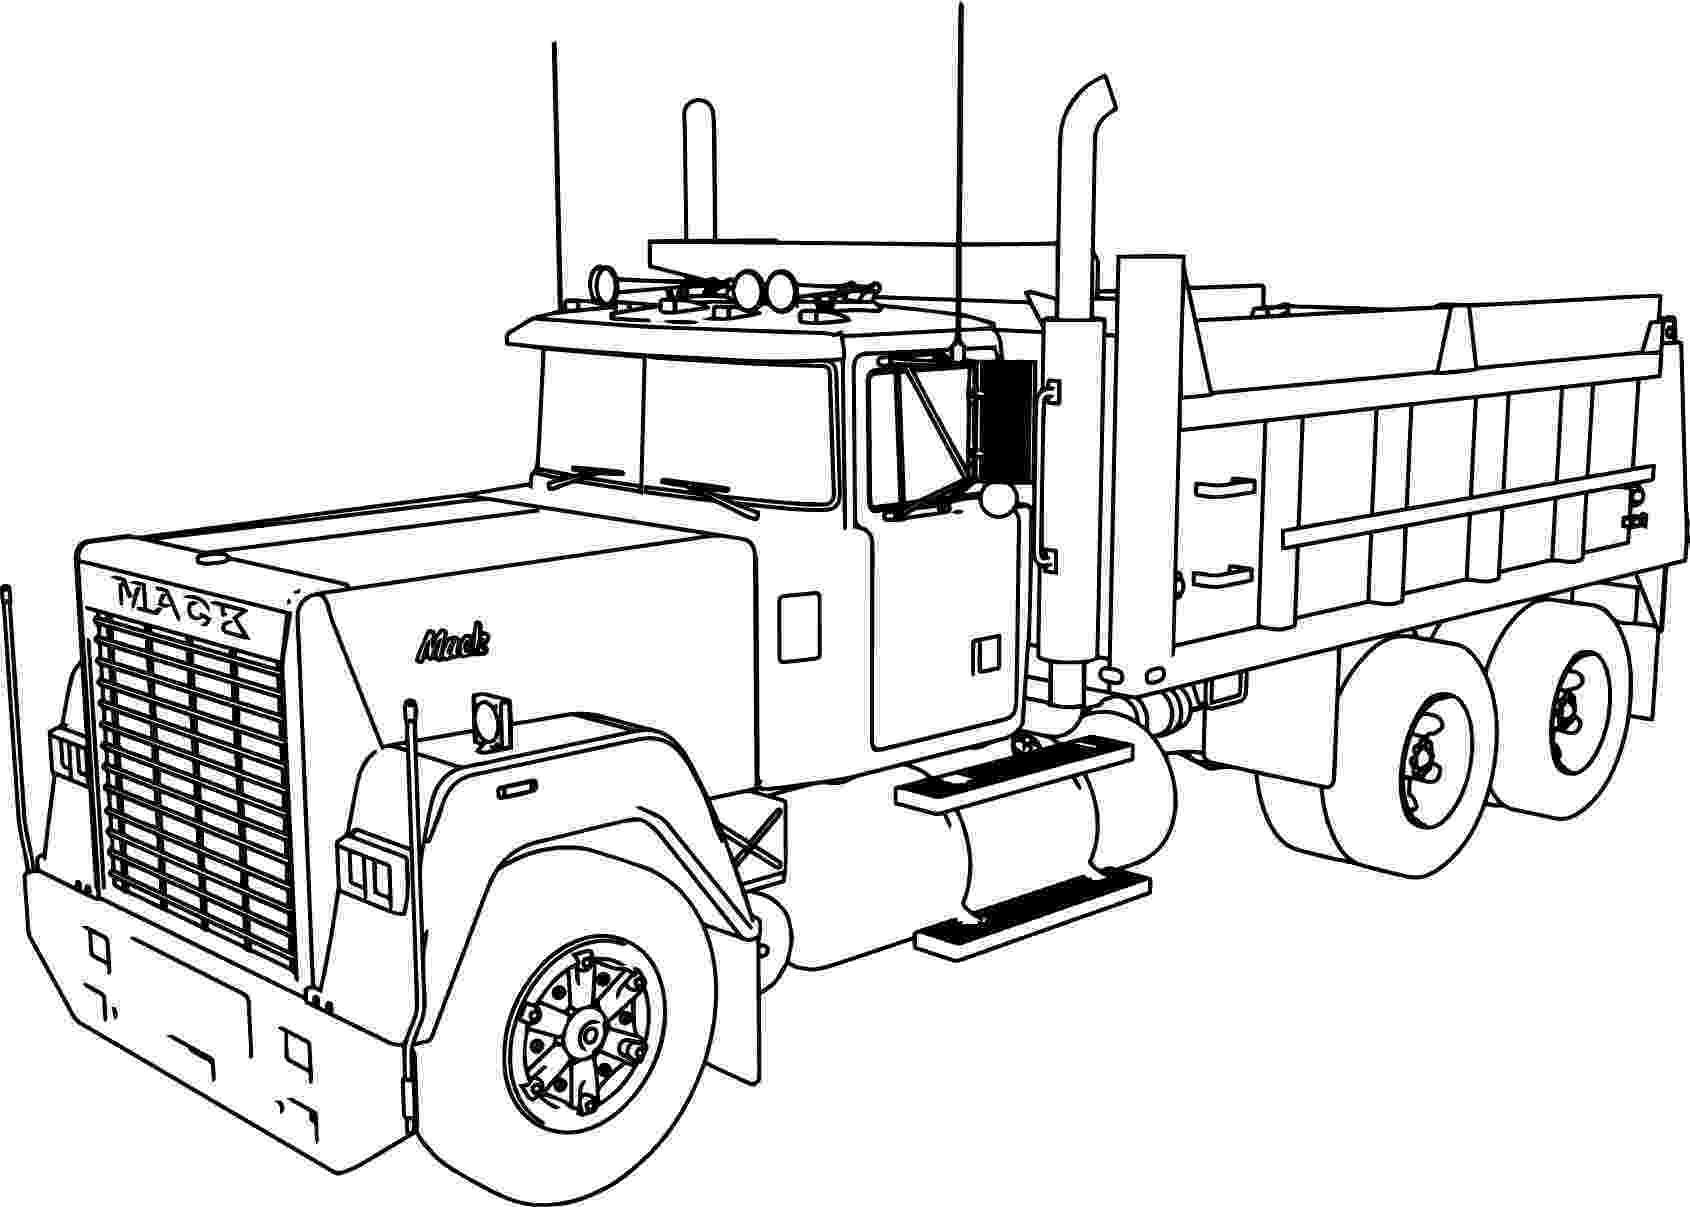 mack truck coloring pages mack super liner truck coloring pages hellokidscom truck coloring pages mack